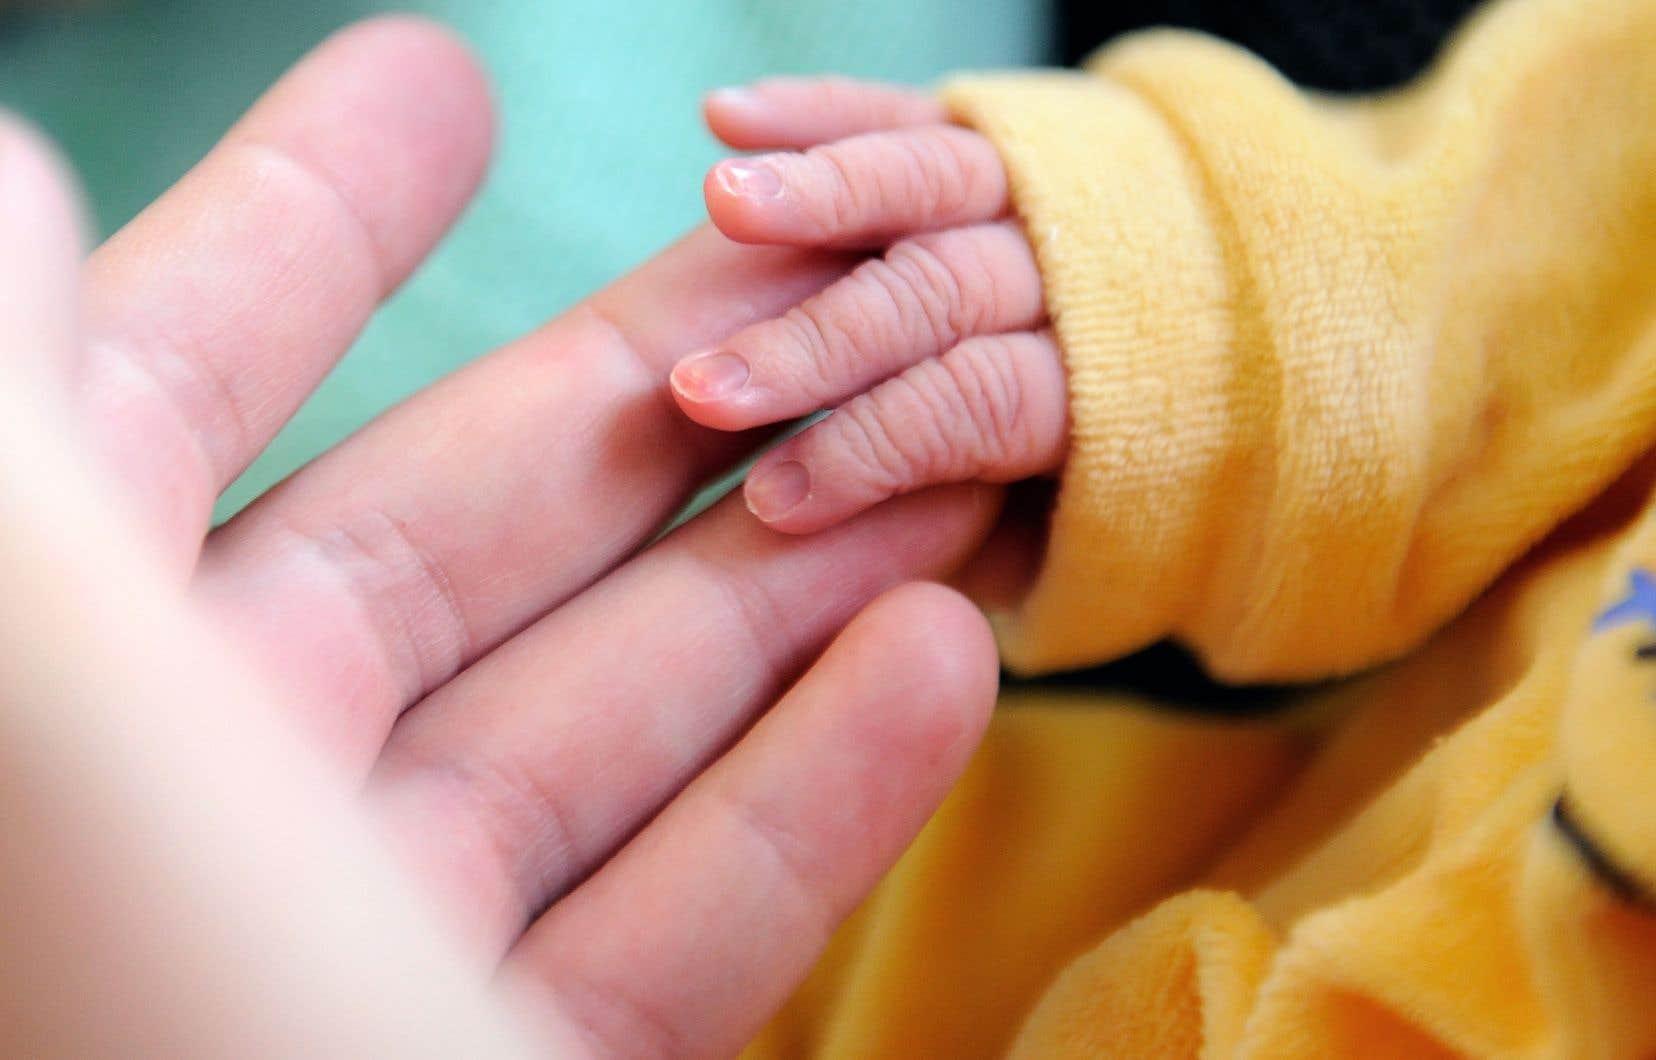 Au printemps, la hausse soudaine de la mortalité a fait que le nombre des décès (21100) a excédé celui des naissances (20750) qui contribuent à la croissance naturelle de la population québécoise.